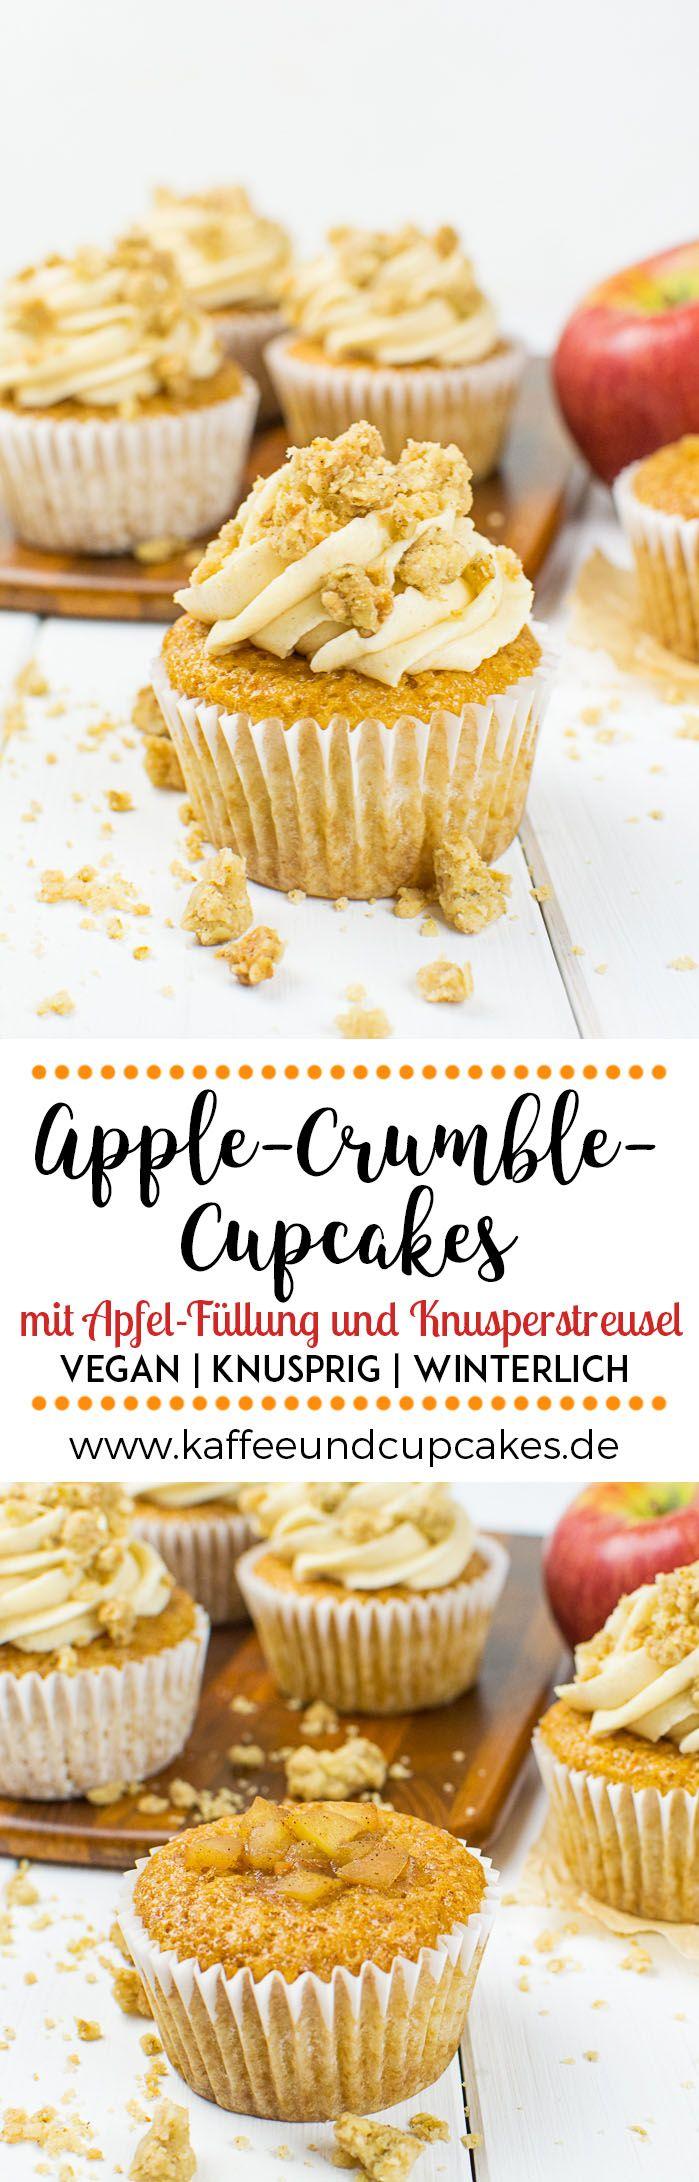 die besten 25 apfel cupcakes ideen auf pinterest apfel apfelkuchen muffins und hochzeitsmuffins. Black Bedroom Furniture Sets. Home Design Ideas